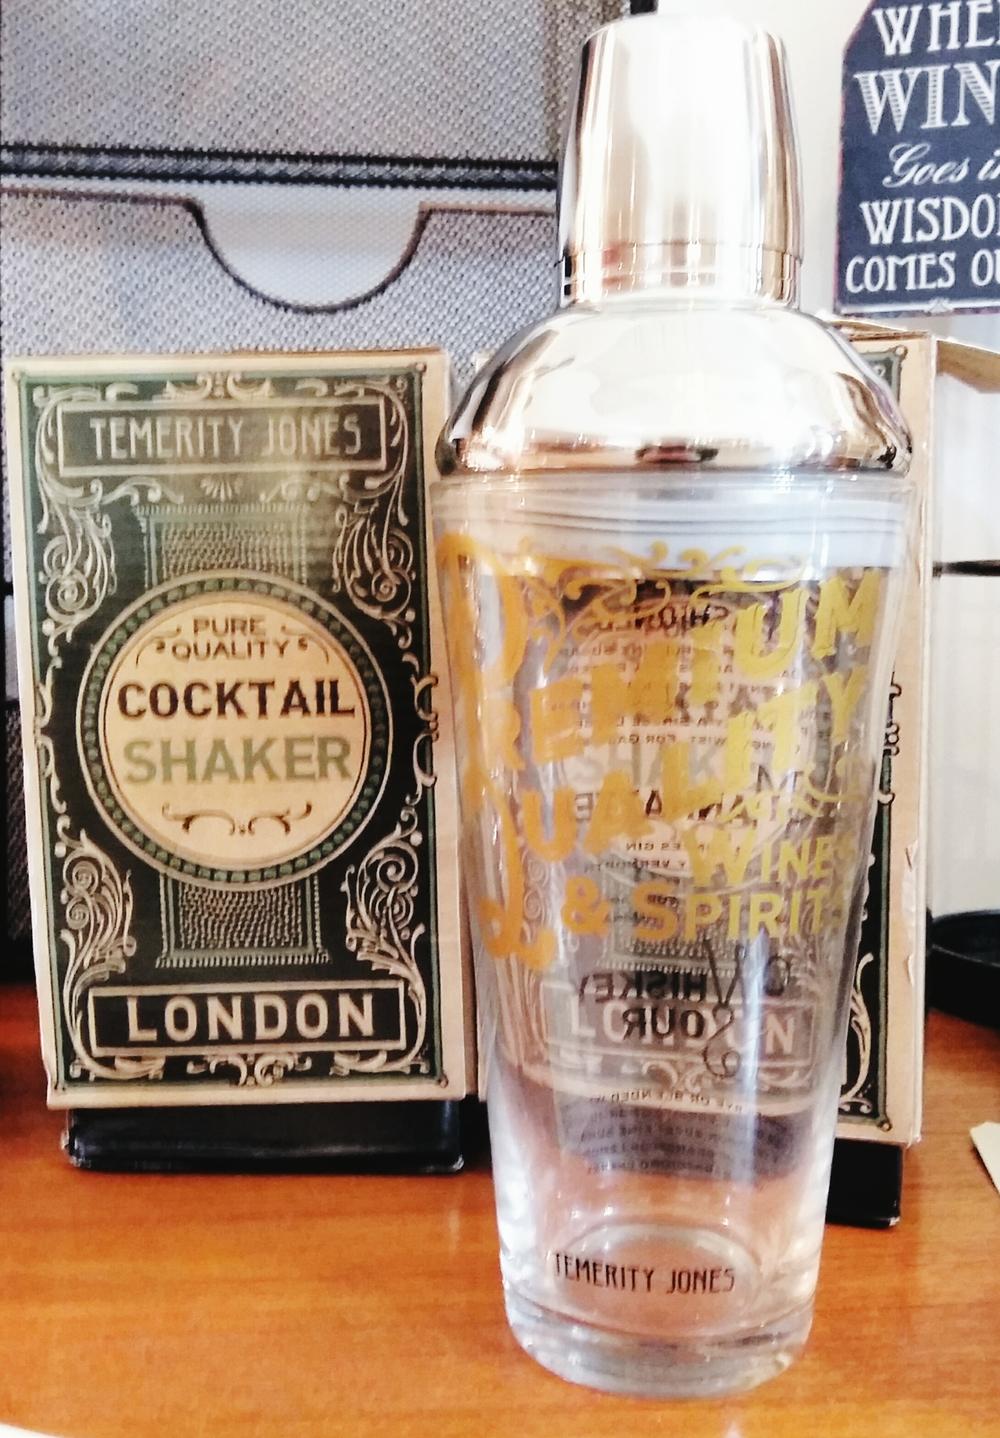 Vintage inspired Cocktail shaker